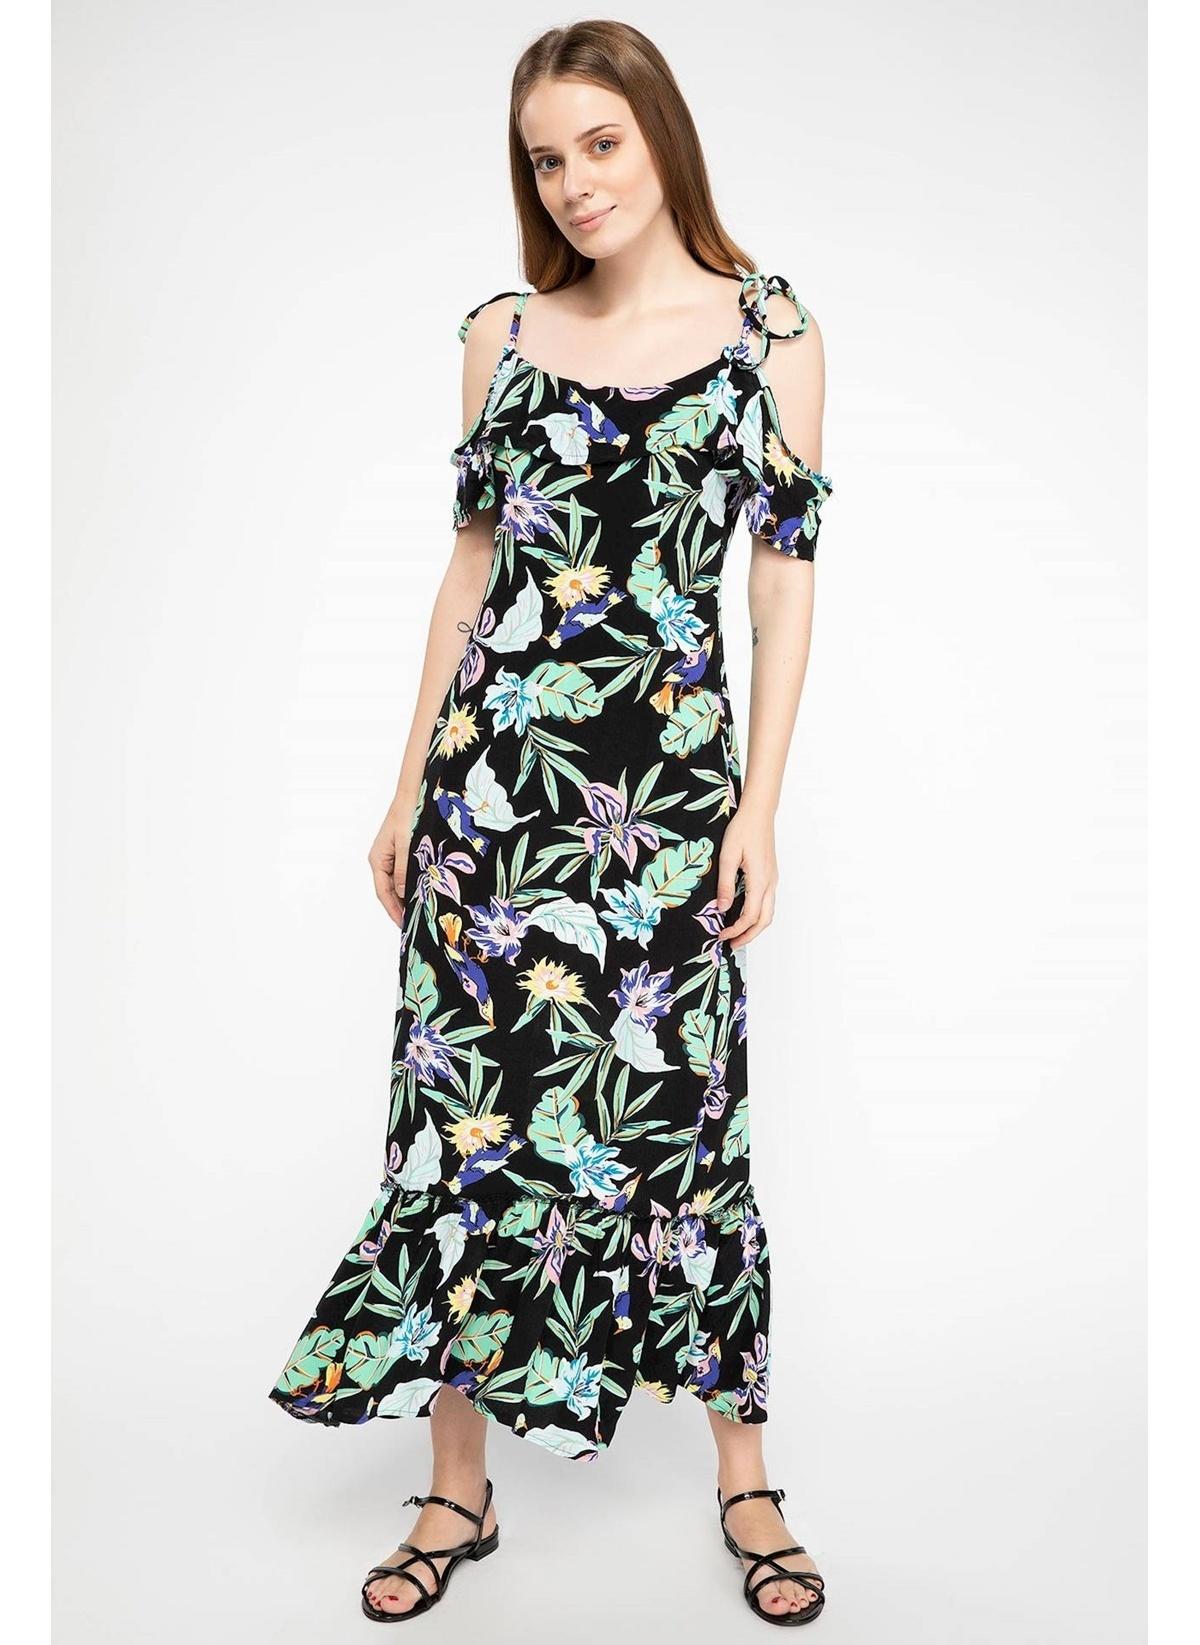 Defacto Omuz Dekolteli Floral Desenli Elbise J3677az18hsbk46elbise – 69.99 TL